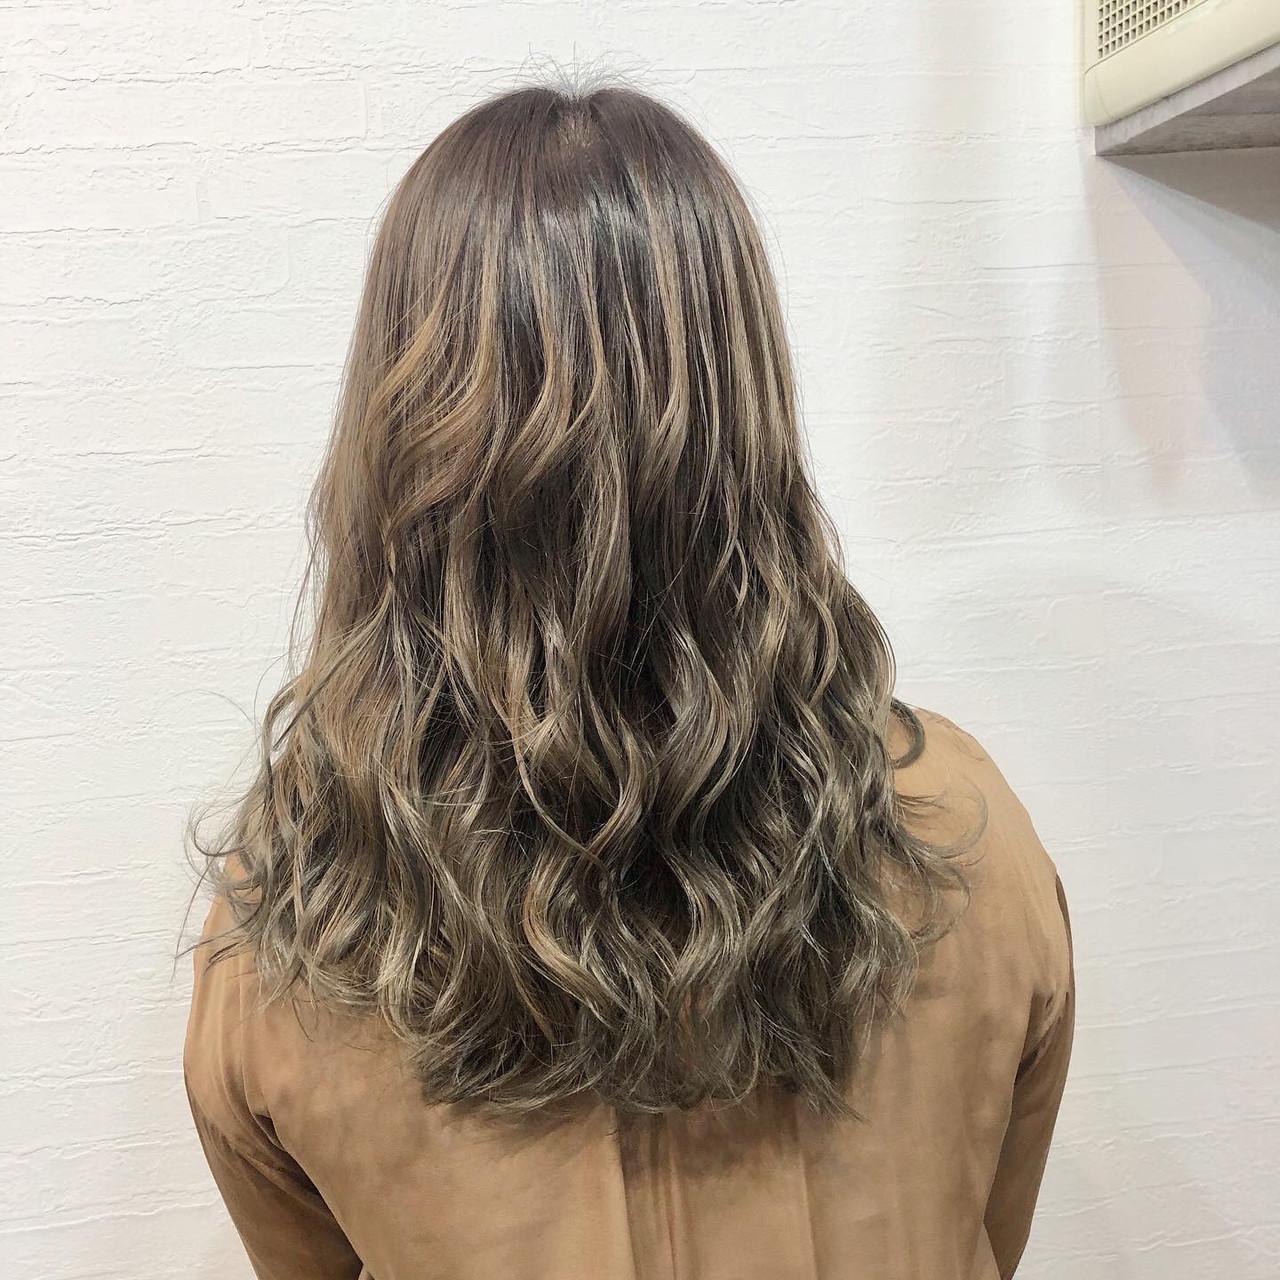 バレイヤージュ ロング 3Dハイライト グレージュヘアスタイルや髪型の写真・画像